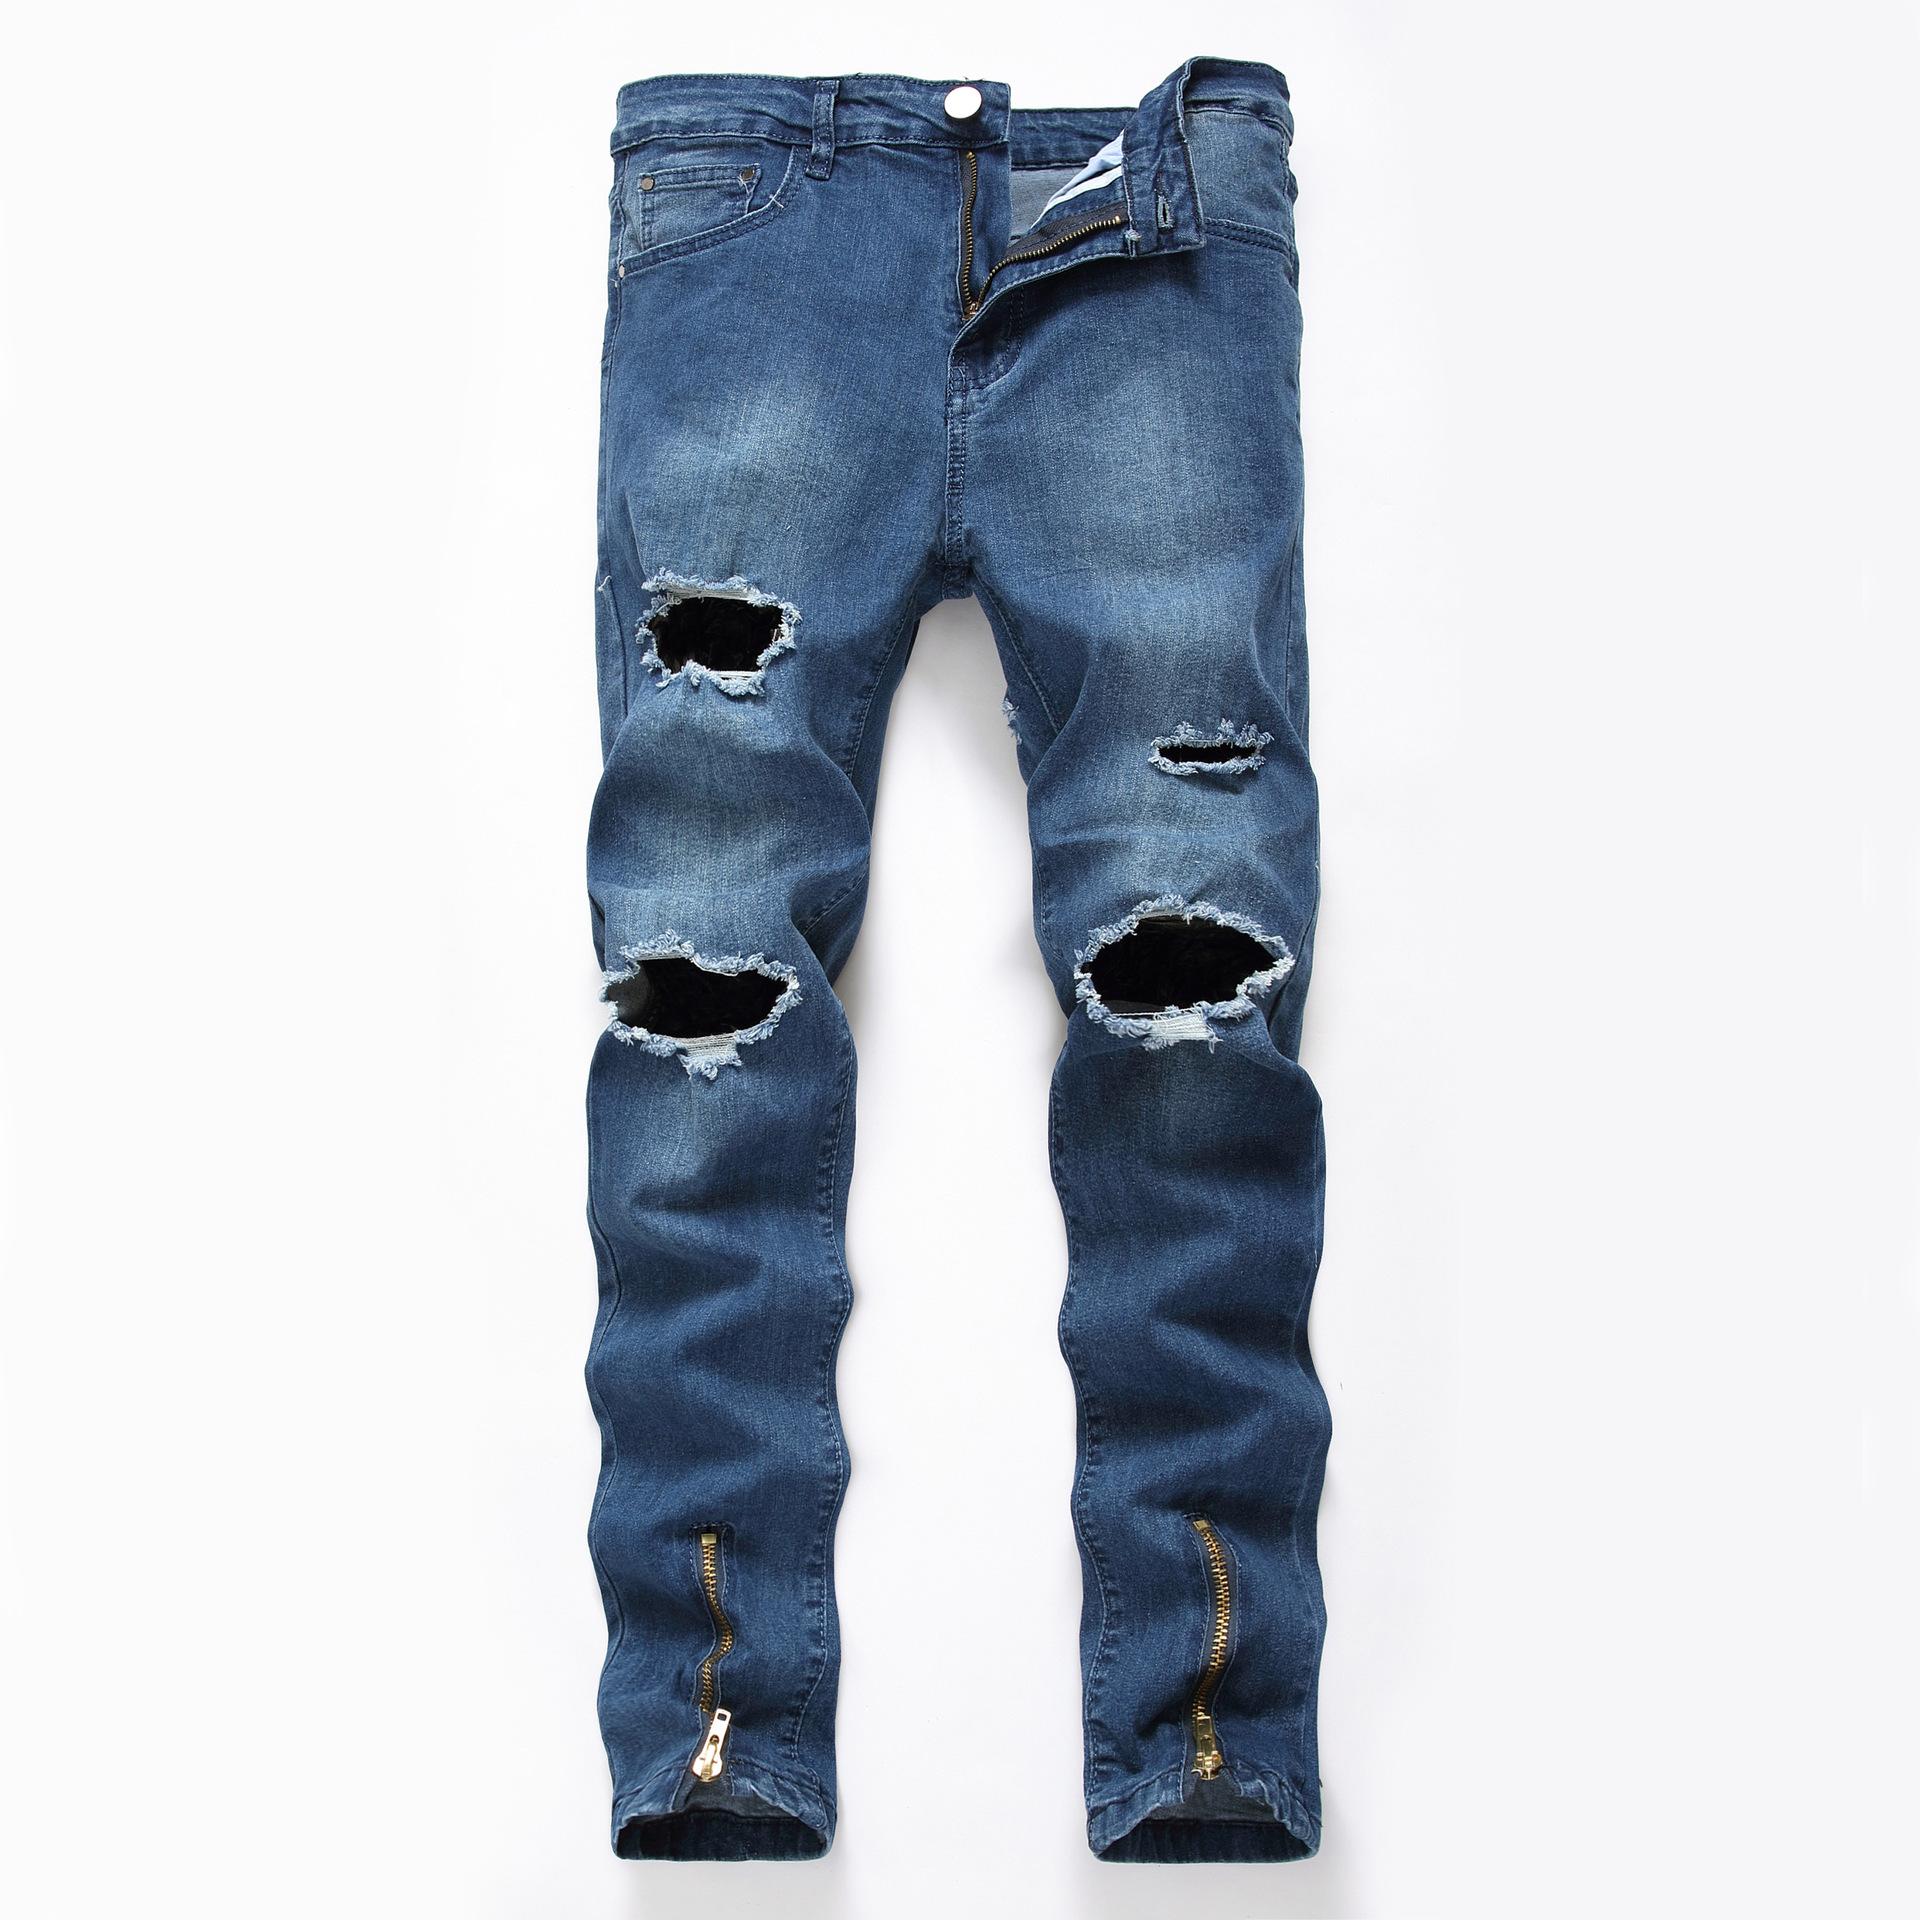 Pantalones Rasgados Para Hombre Diseno Oem Con Cremallera Elasticos Ajustados Buy Pantalones De Los Hombres Los Hombres Jeans Hombres Pantalones Vaqueros Pantalones Product On Alibaba Com